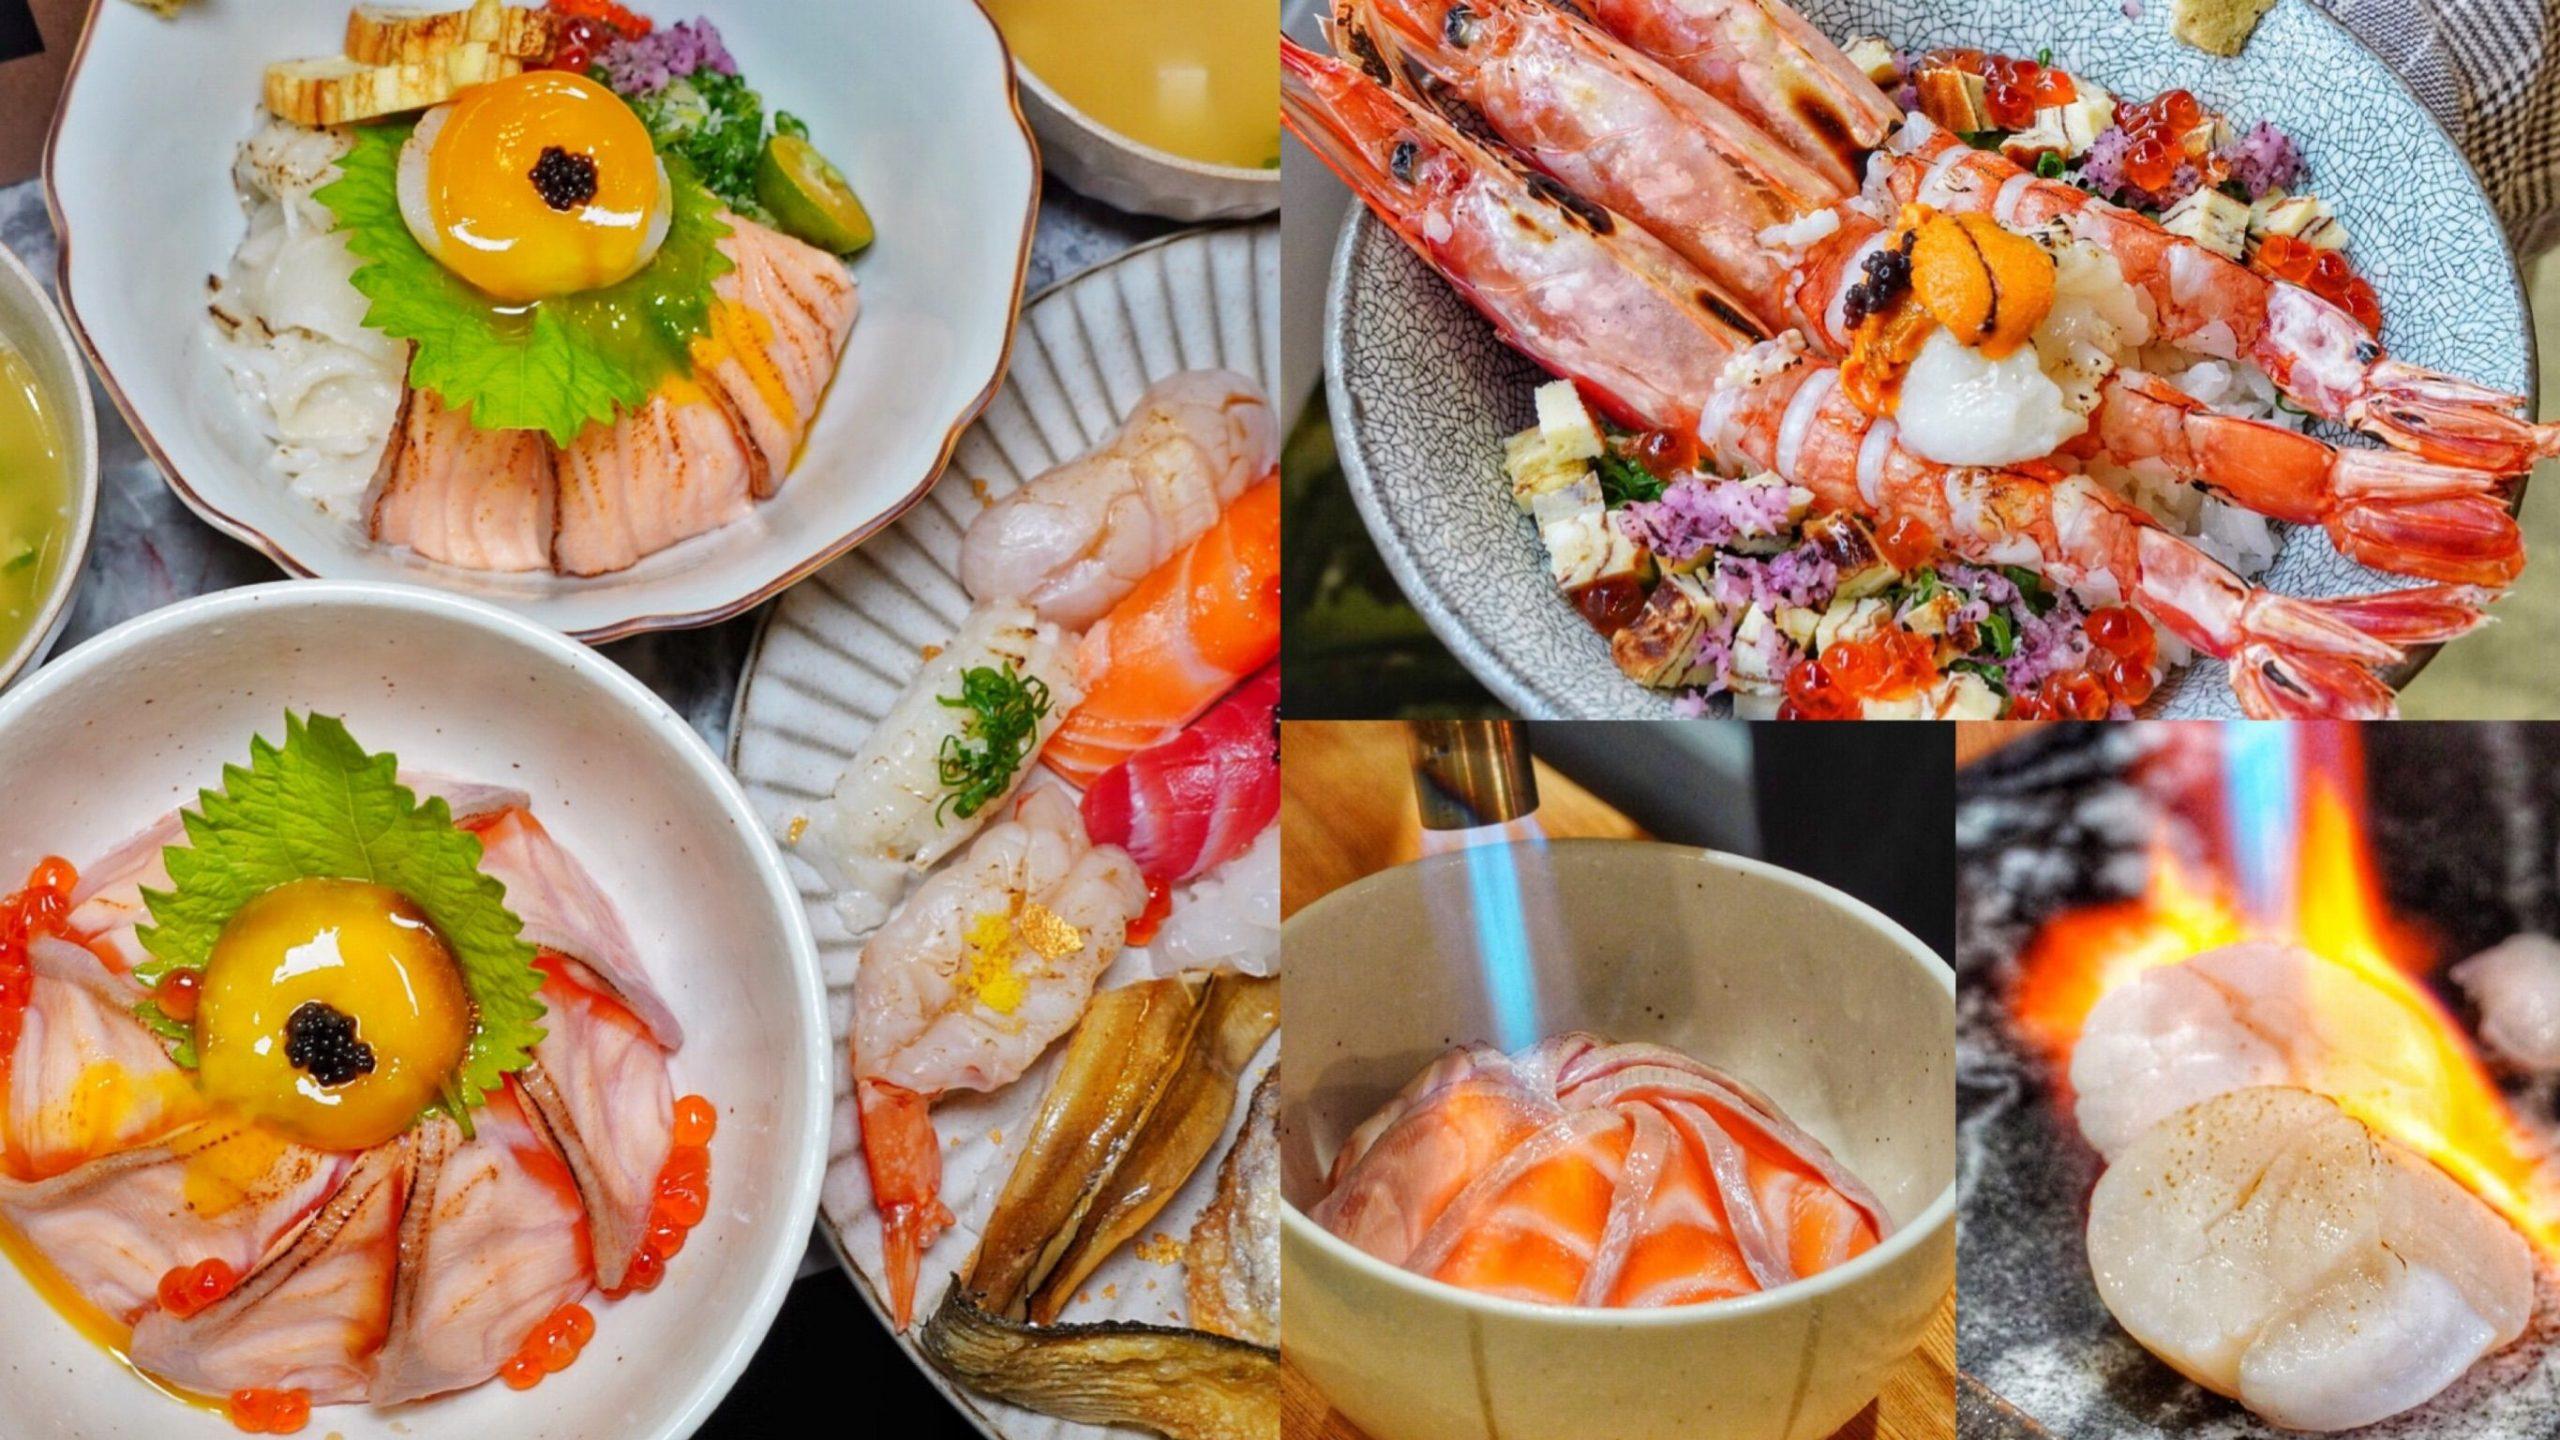 【台南美食】台南新開的日式料理!專賣海鮮丼飯/炙燒鮭魚/刺身/握壽司 炸雞也是超強必吃啊 – 金禾kimho